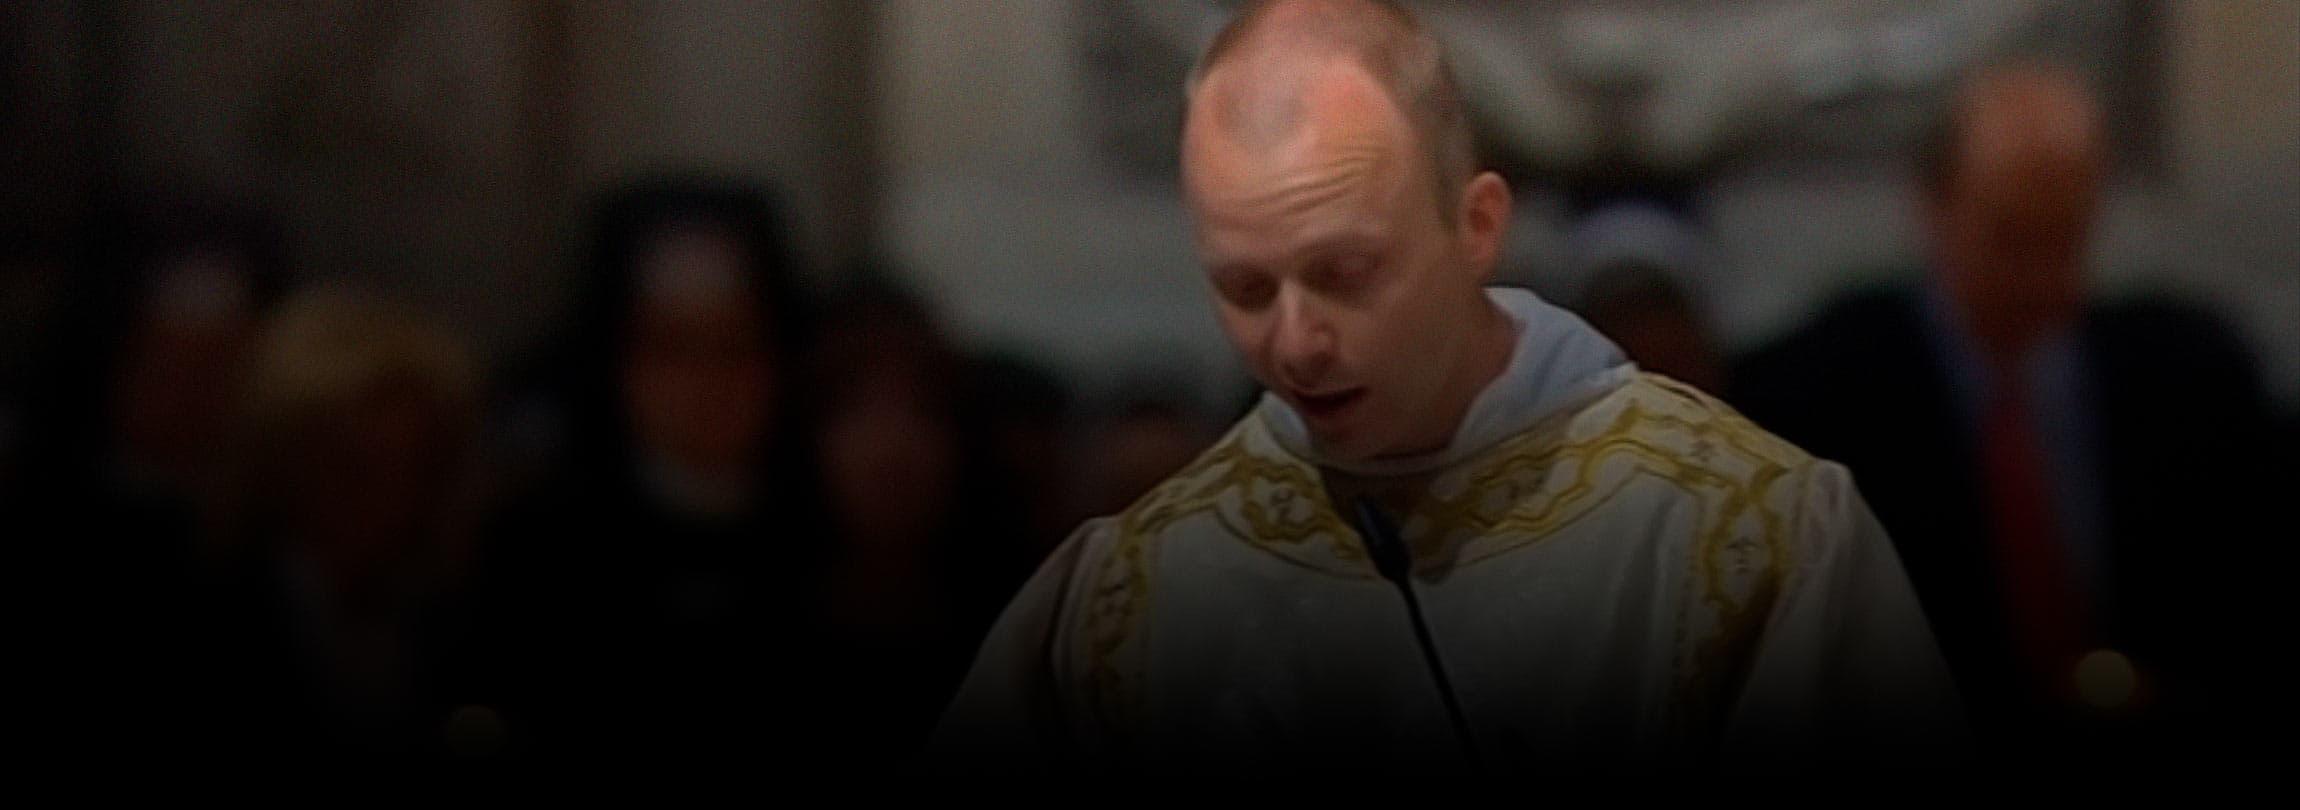 """""""Lúcifer no Vaticano"""" e a exploração da ignorância"""